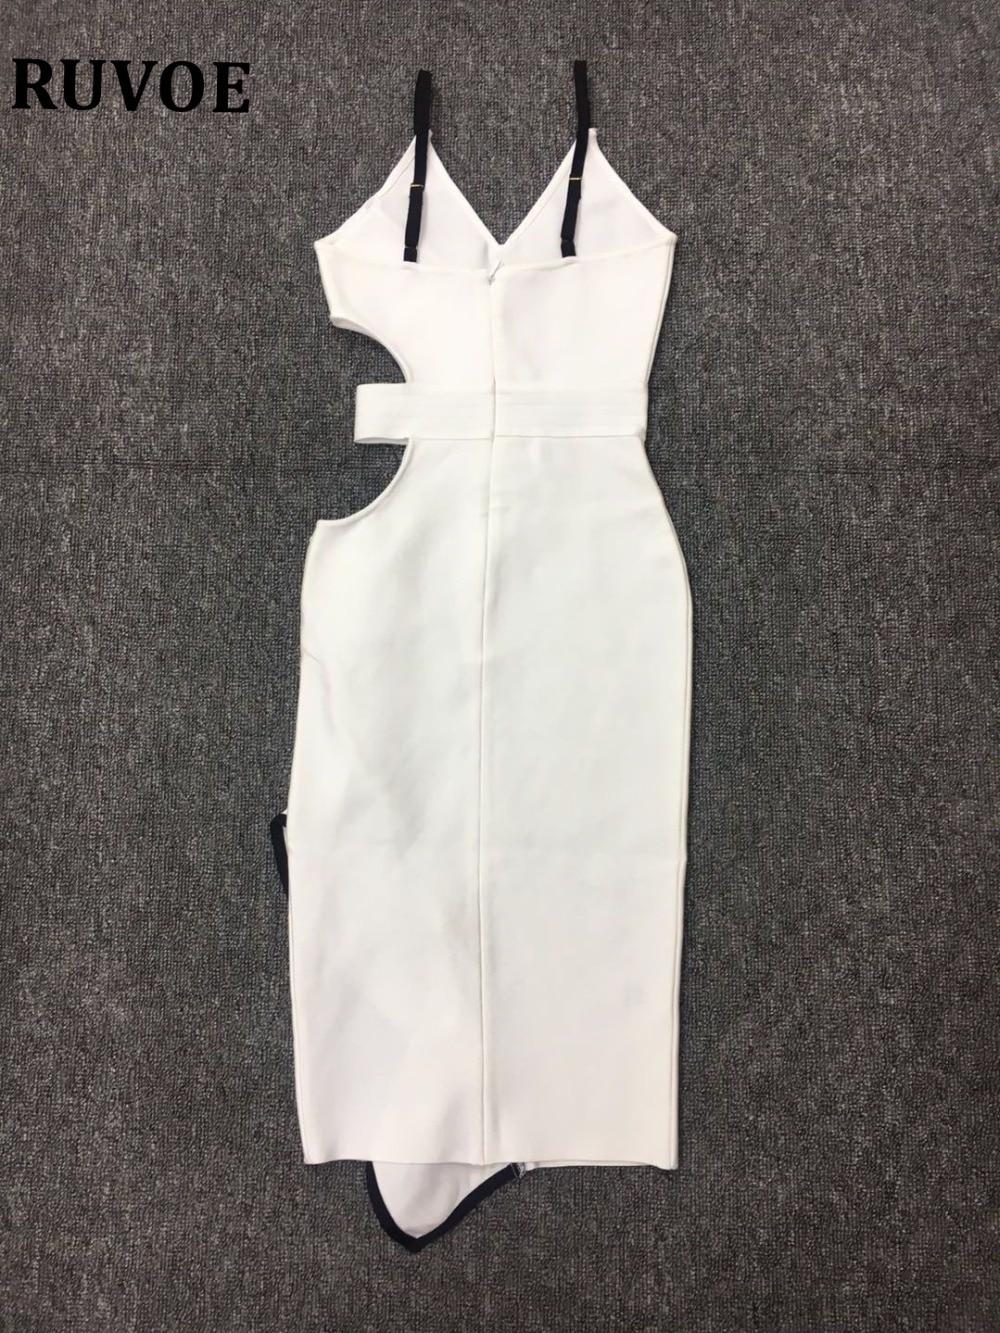 Sur Sortir Nouveau Ty 7 V Femmes Profond Le Partie Col Fendue Volants À Devant Élégant En Pour D'été Robe Bandage Blanc HqHrTwx8